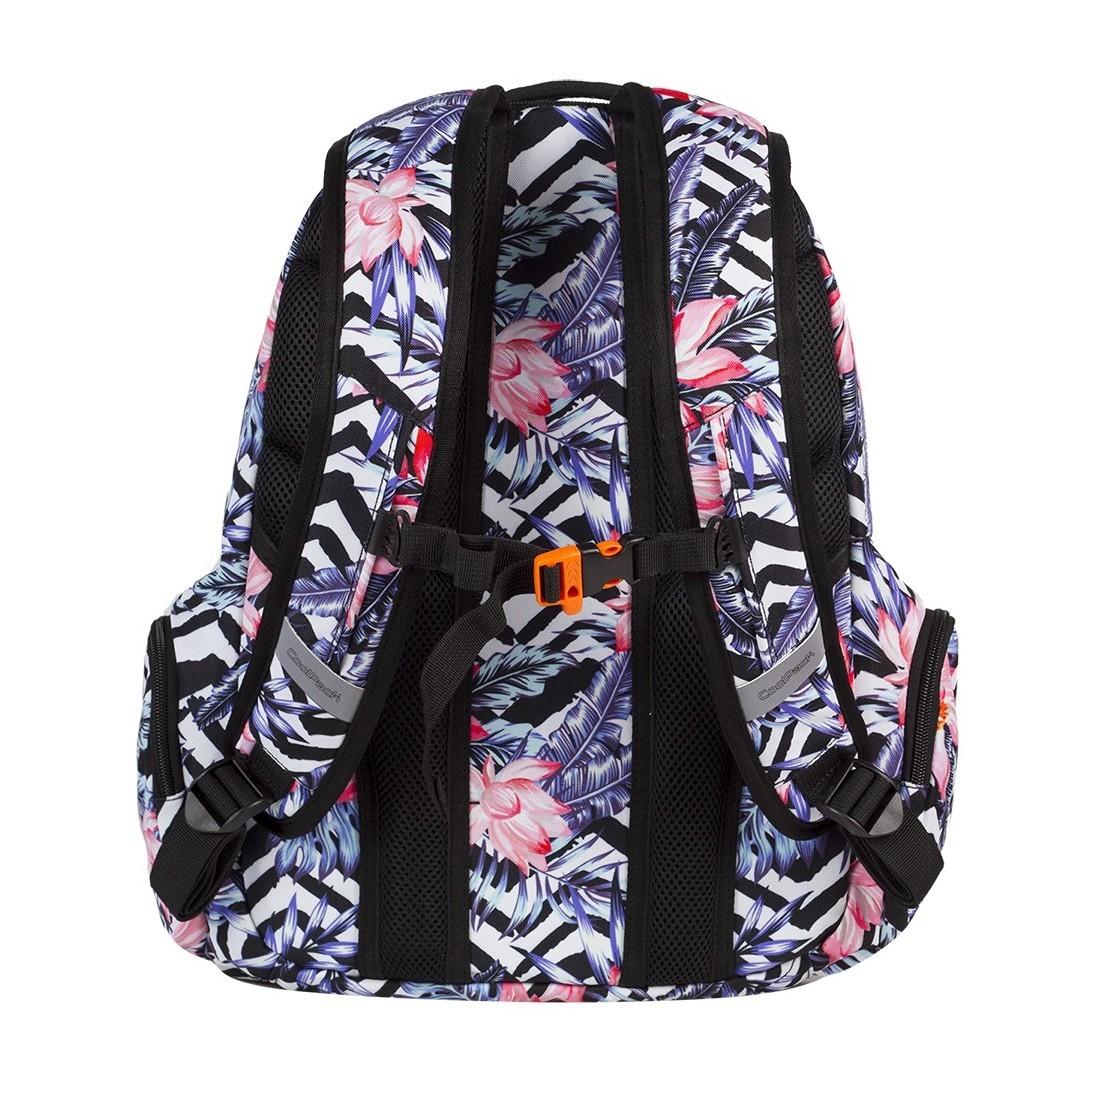 Plecak młodzieżowy CoolPack SPARK 3 przegrody ALOHA CP 559